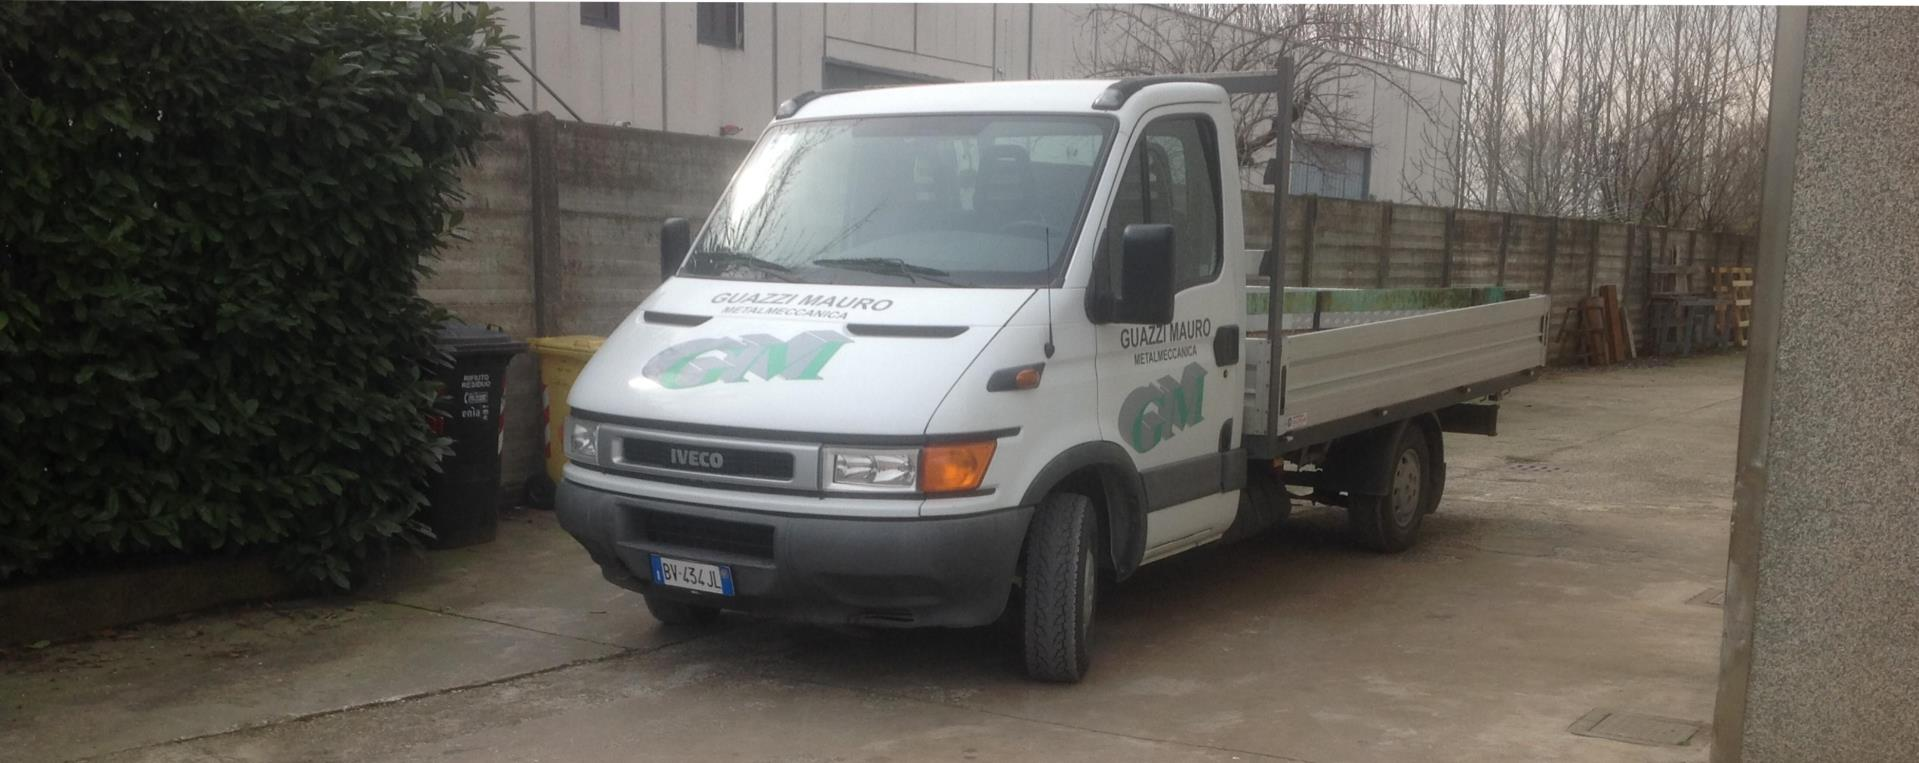 Lavorazione conto terzi Parma lavorazione lamiere Parma